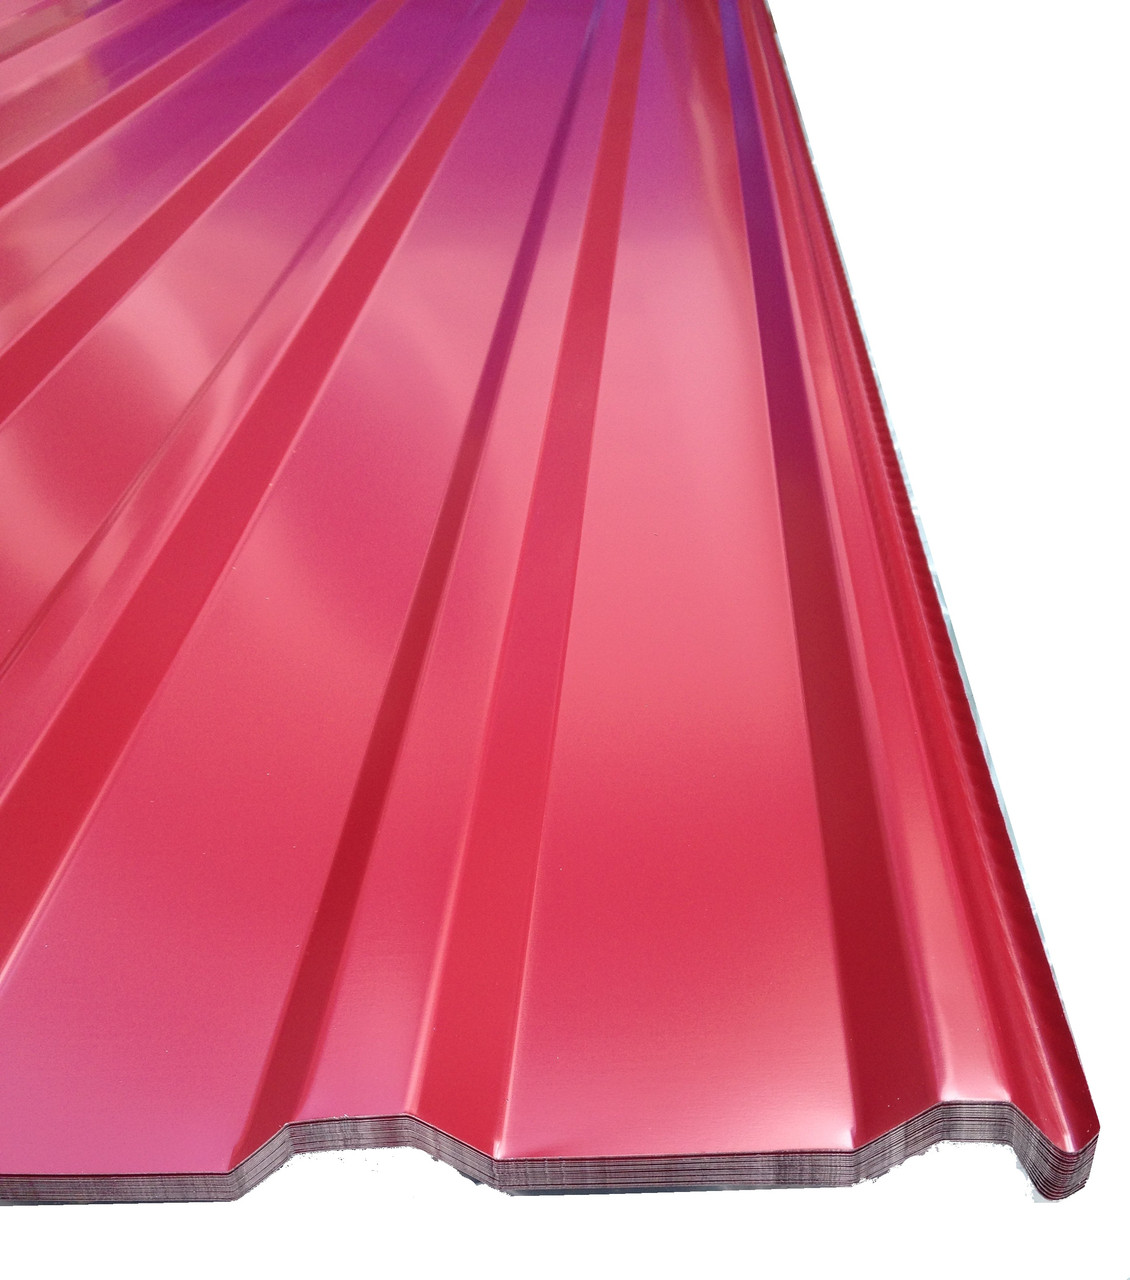 Профнастил покрівельний ПК-20 червоний товщина 0,30 розмір 1,5Х1,15м